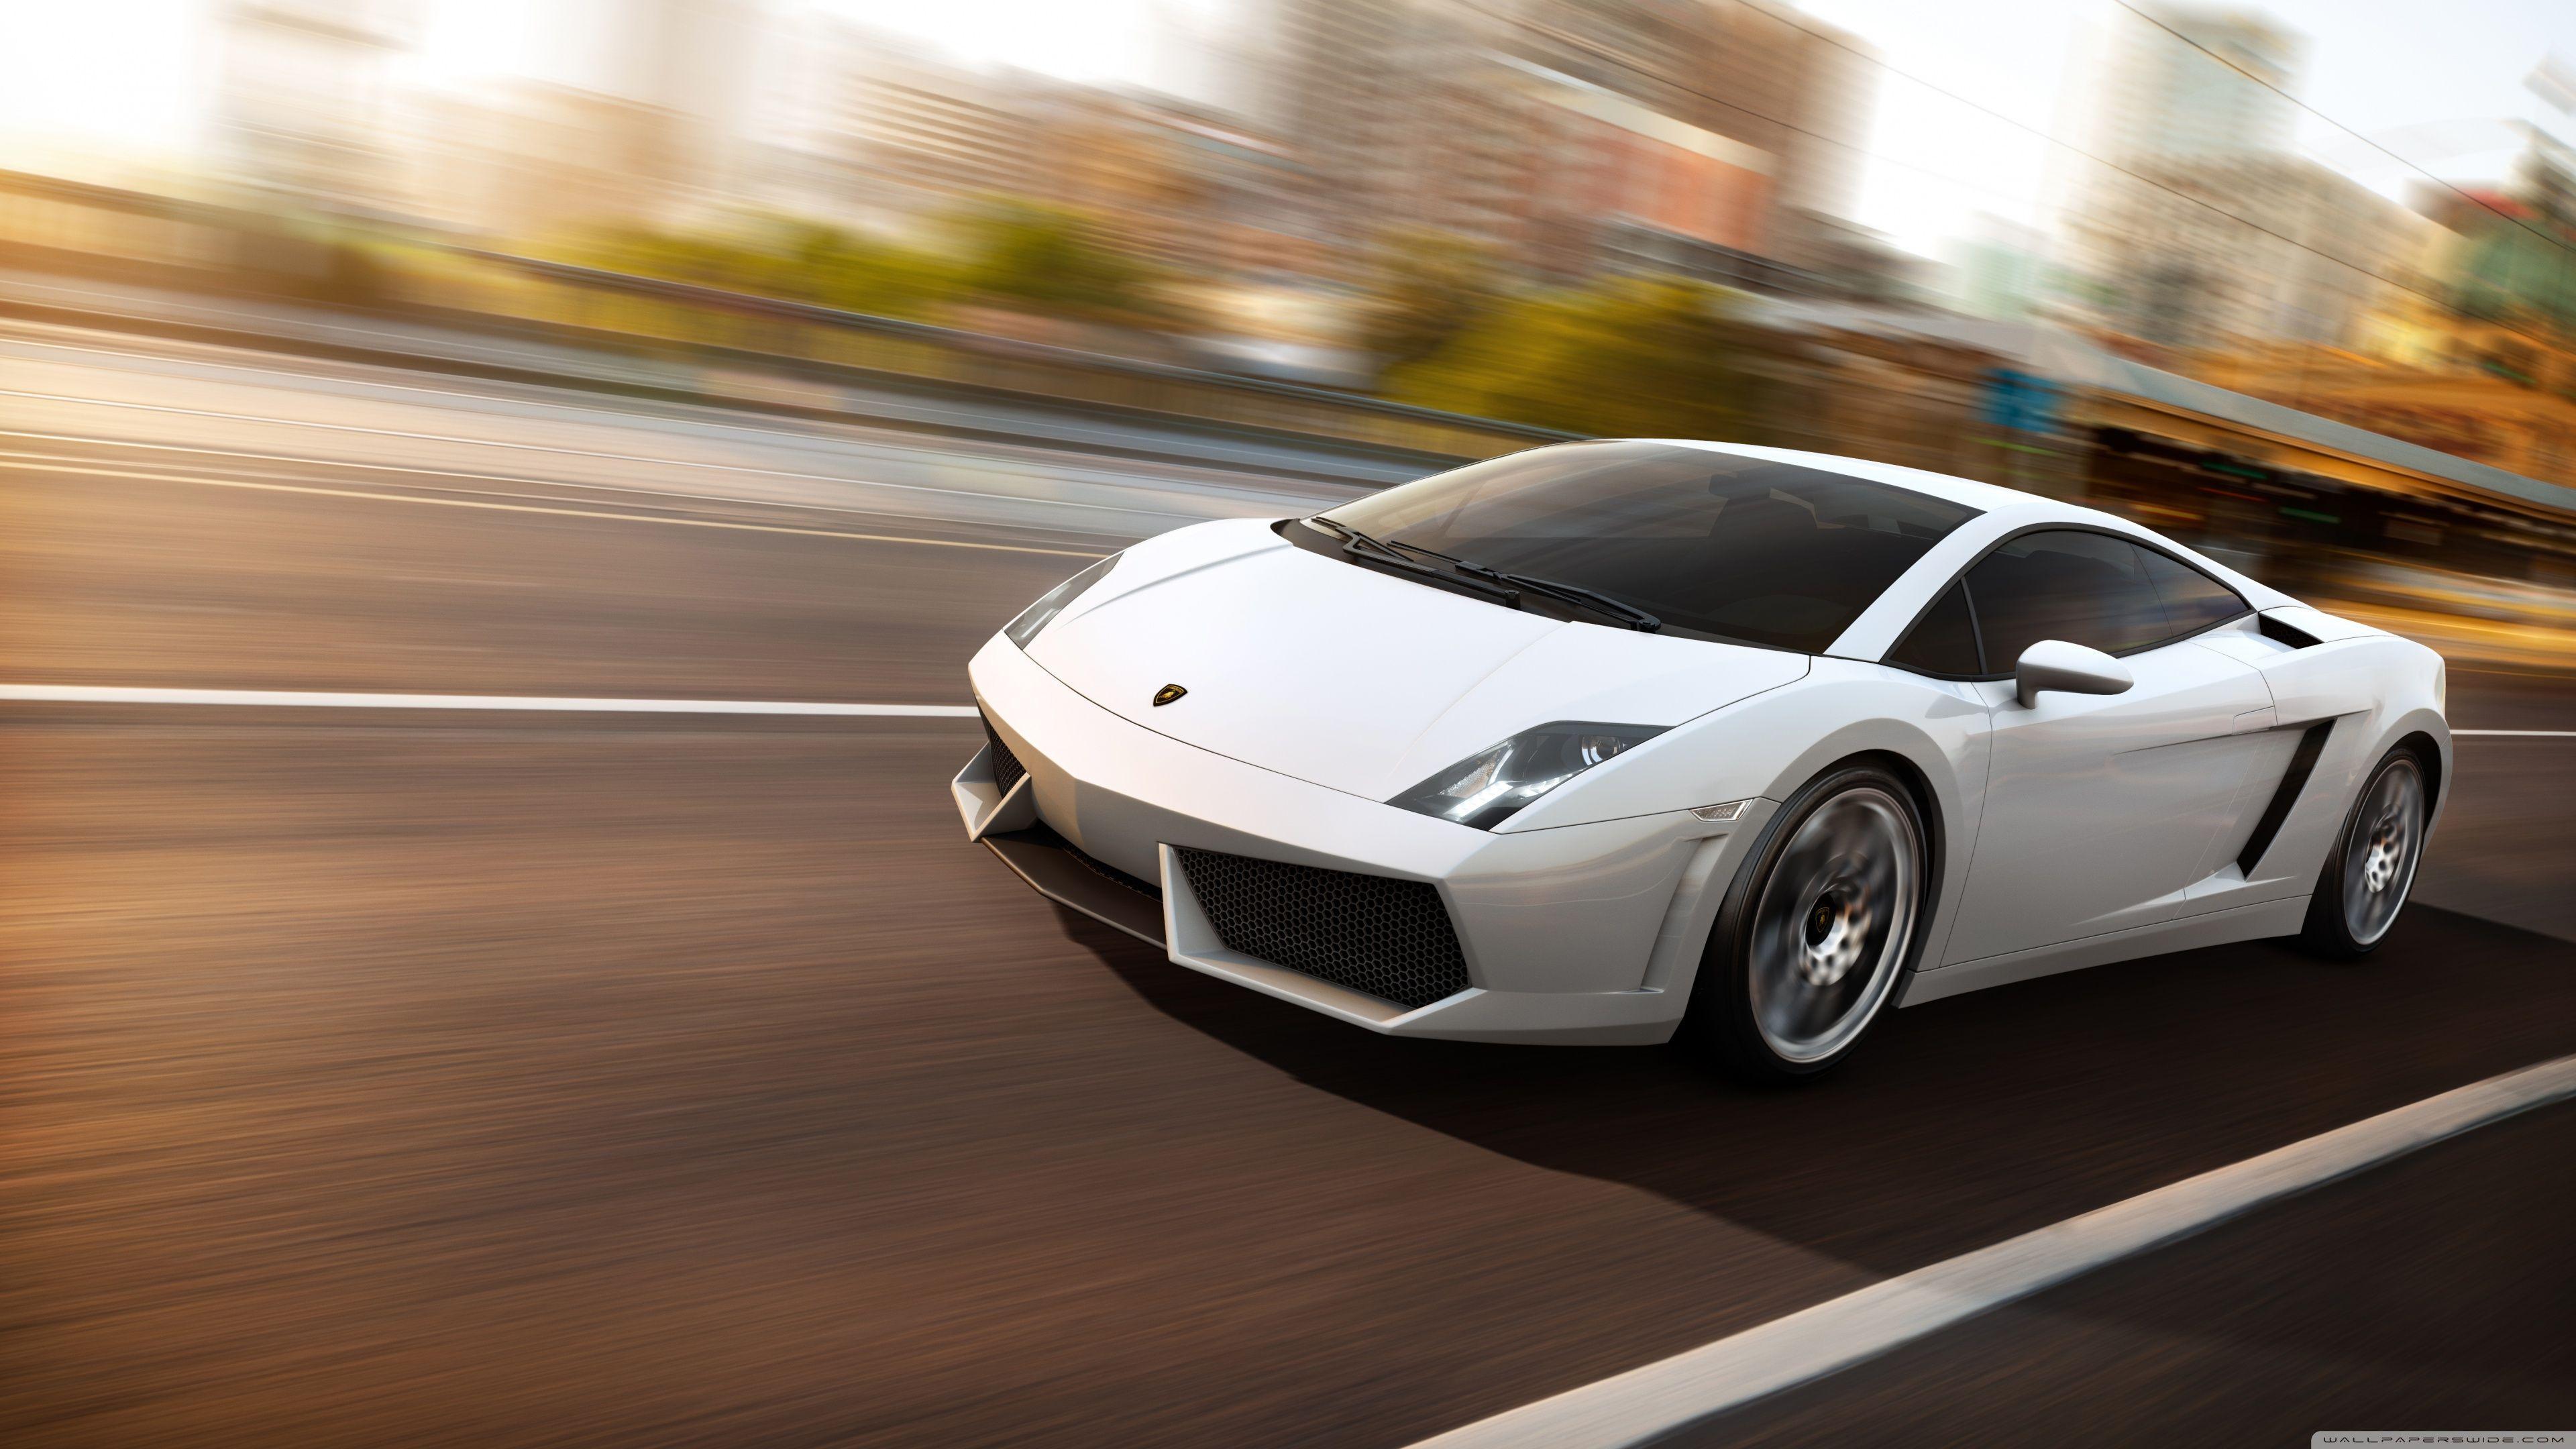 Lamborghini Gallardo Wallpapers Top Free Lamborghini Gallardo